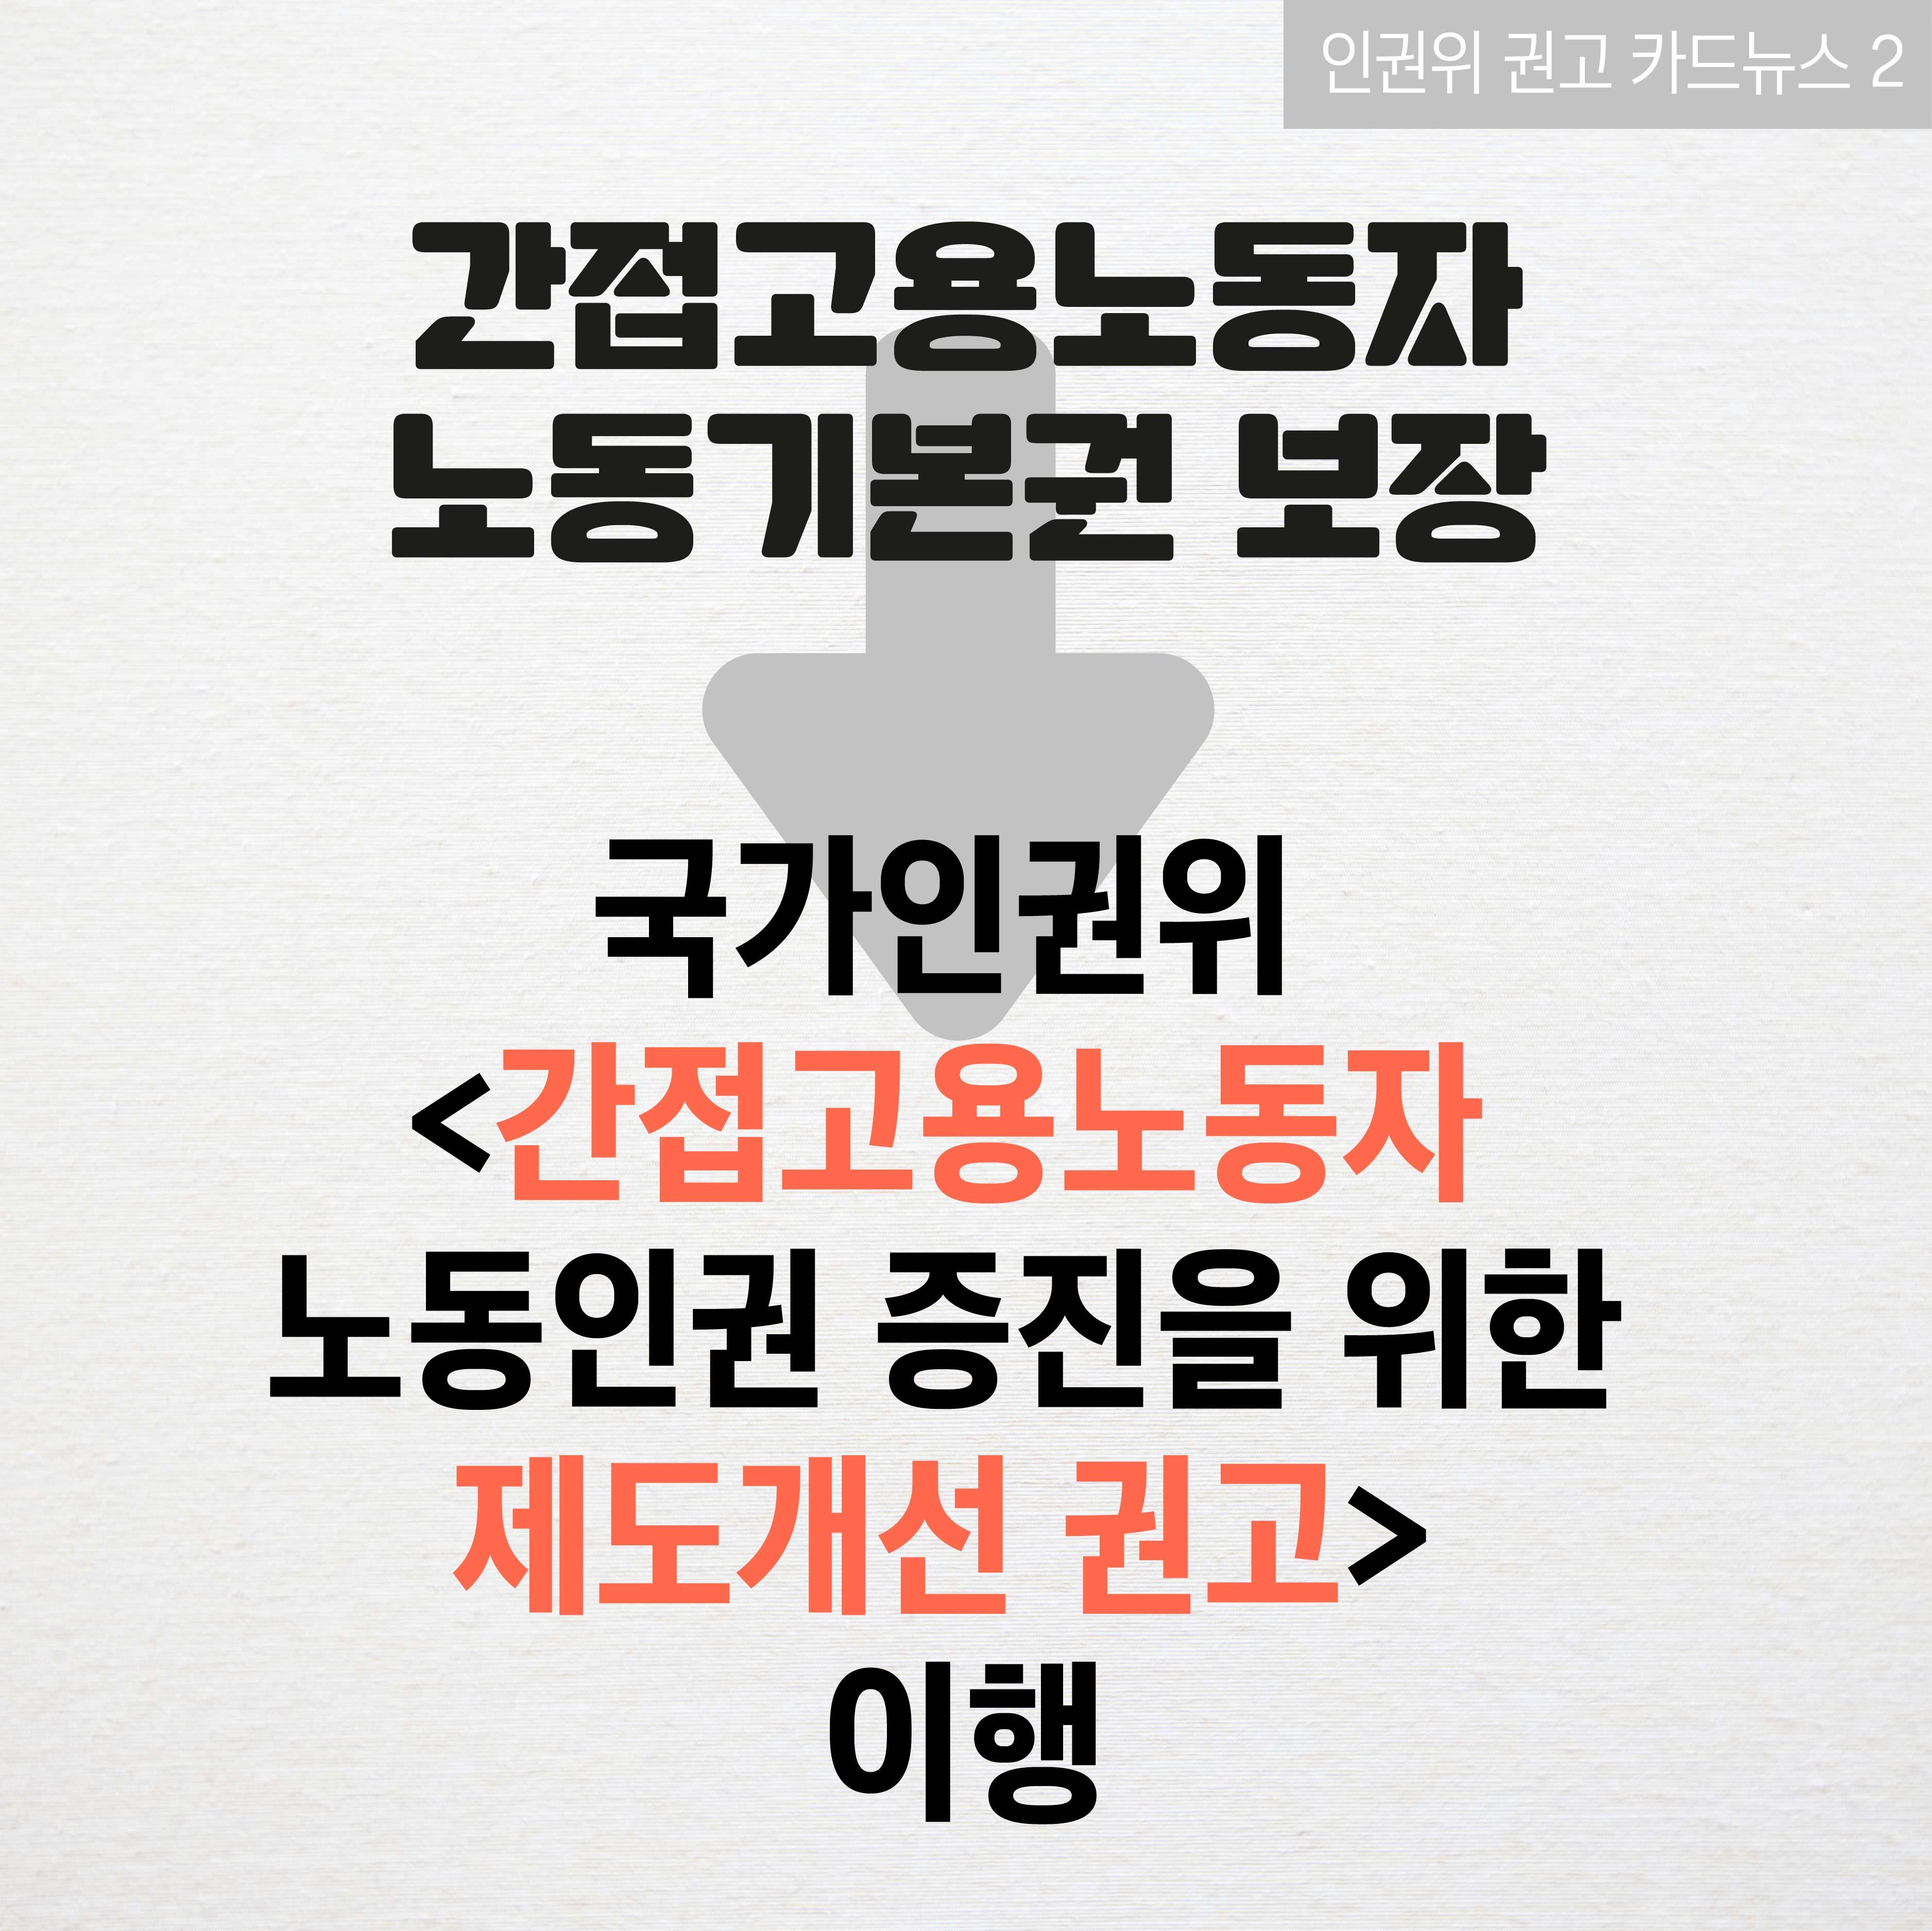 인권위권고카드뉴스-02.jpg